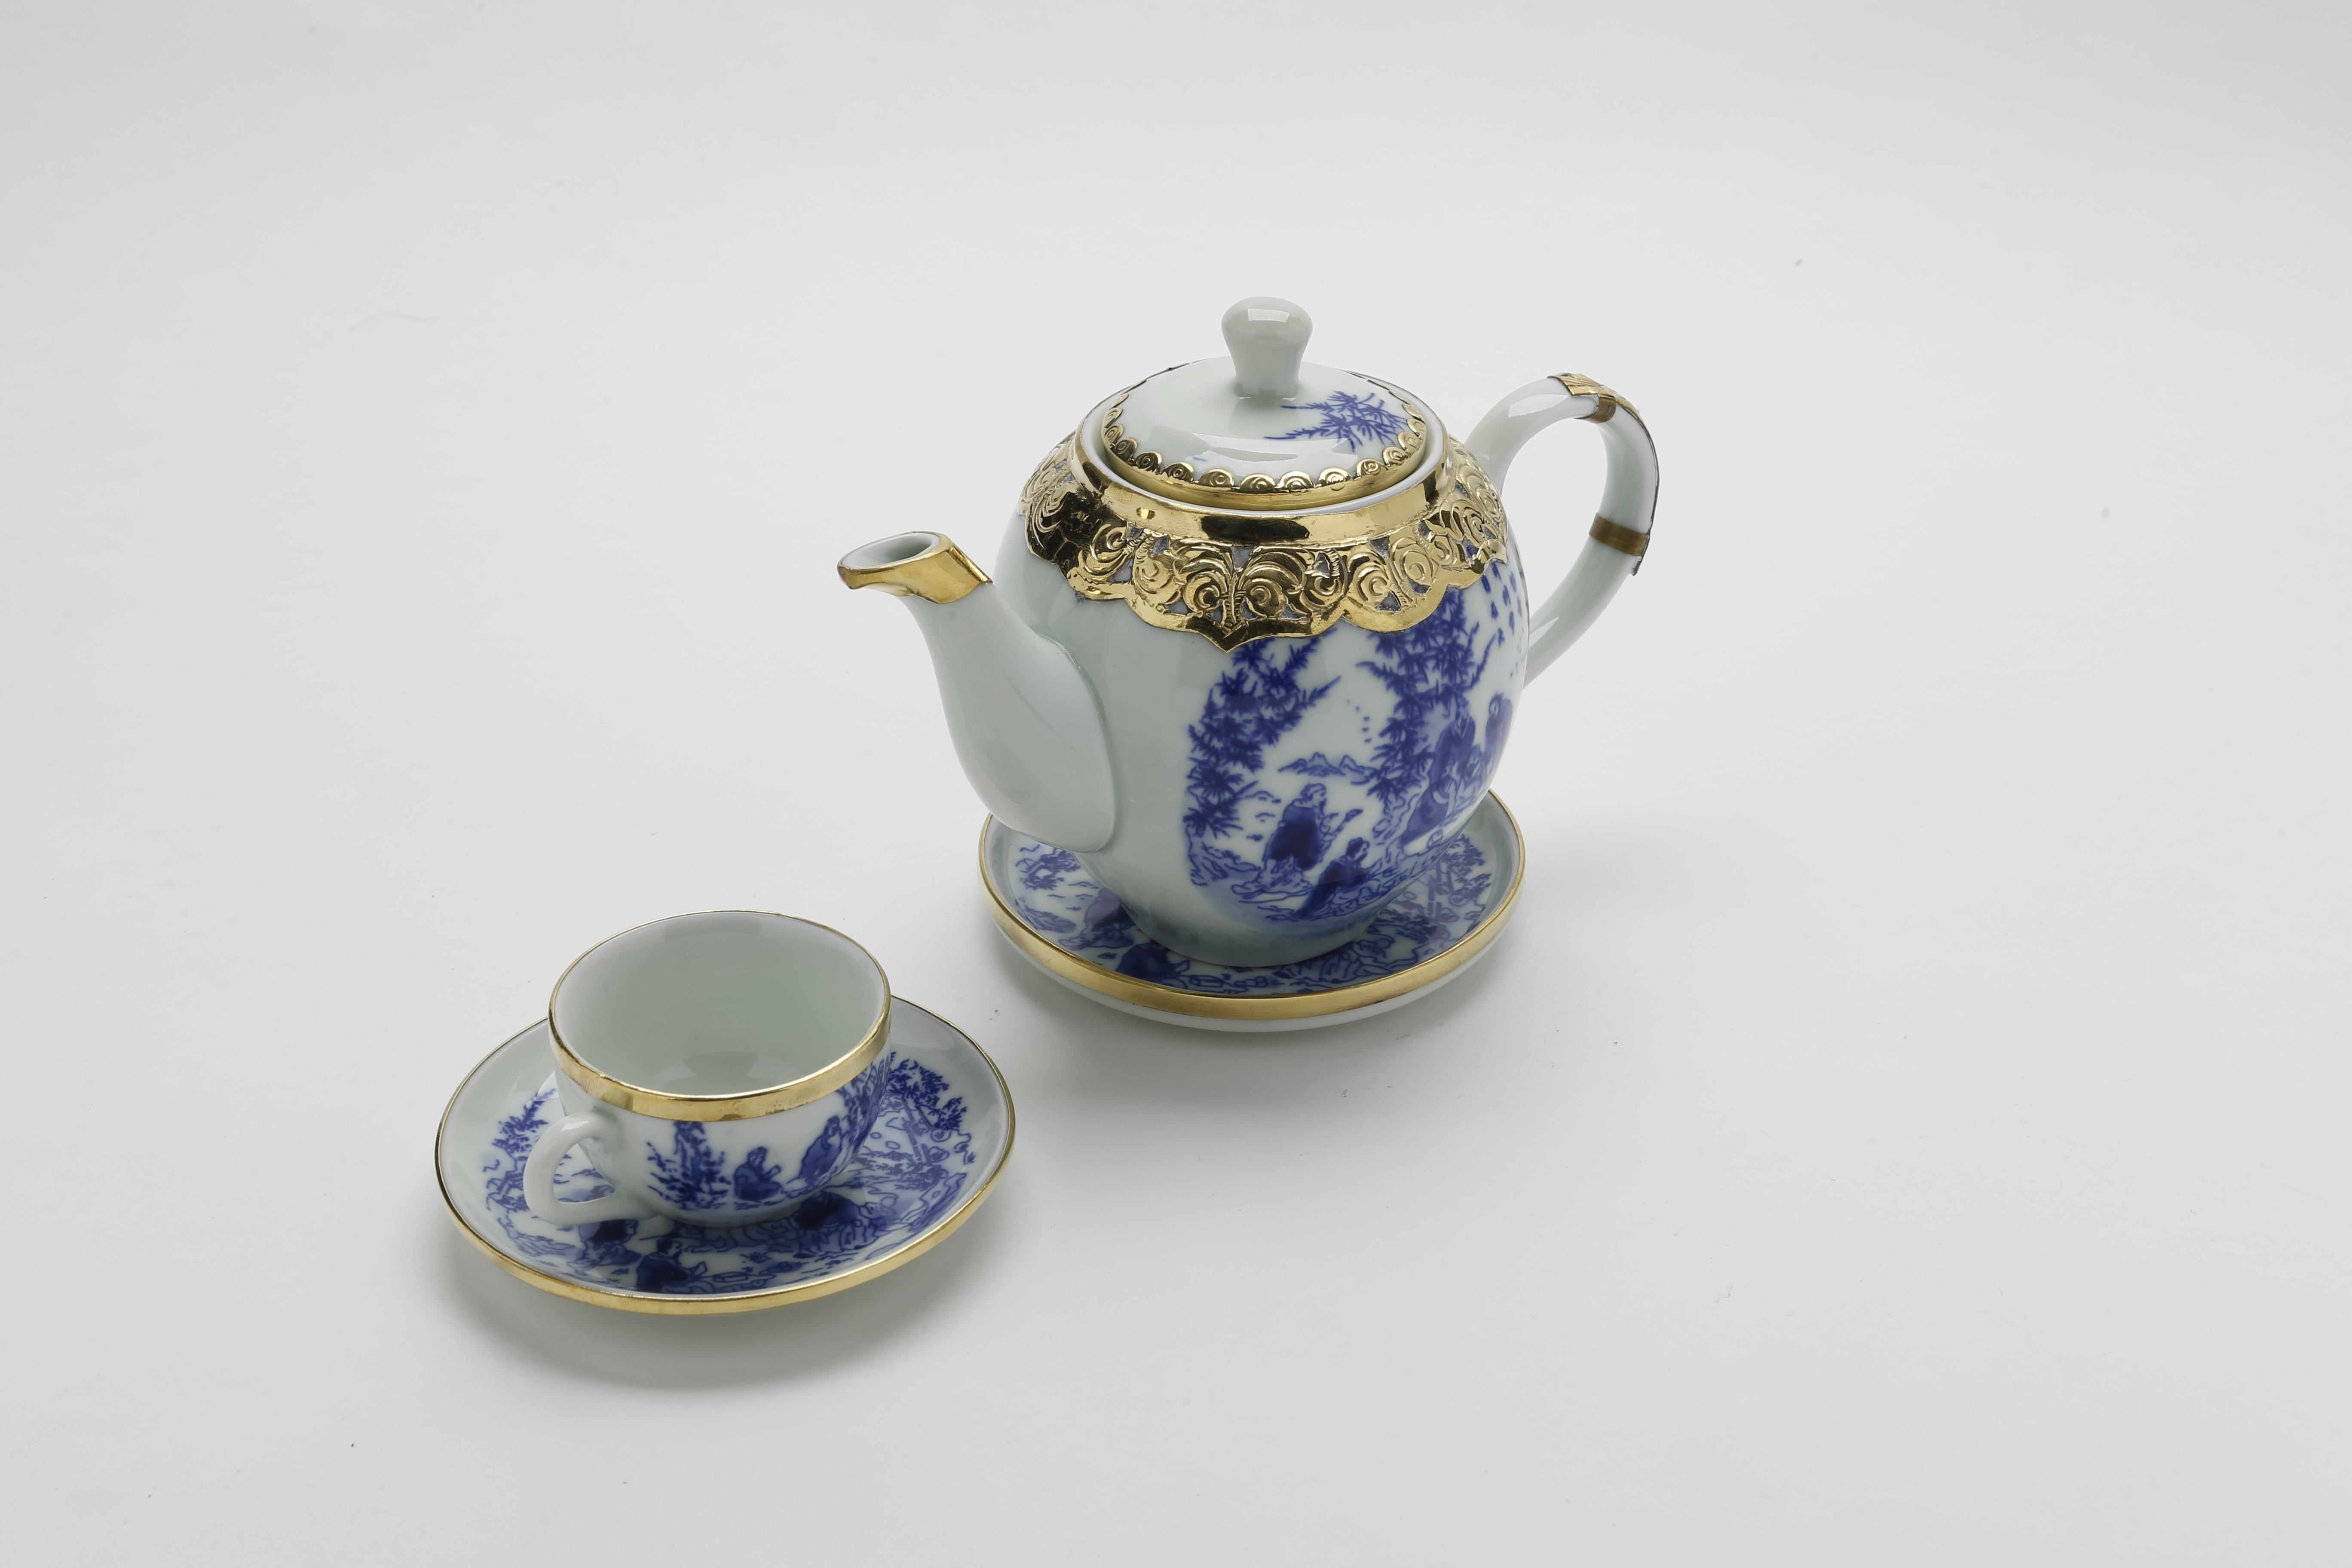 Bộ bình trà (ấm chén) men trắng vẽ bát tiên bọc đồng MNV-TS458